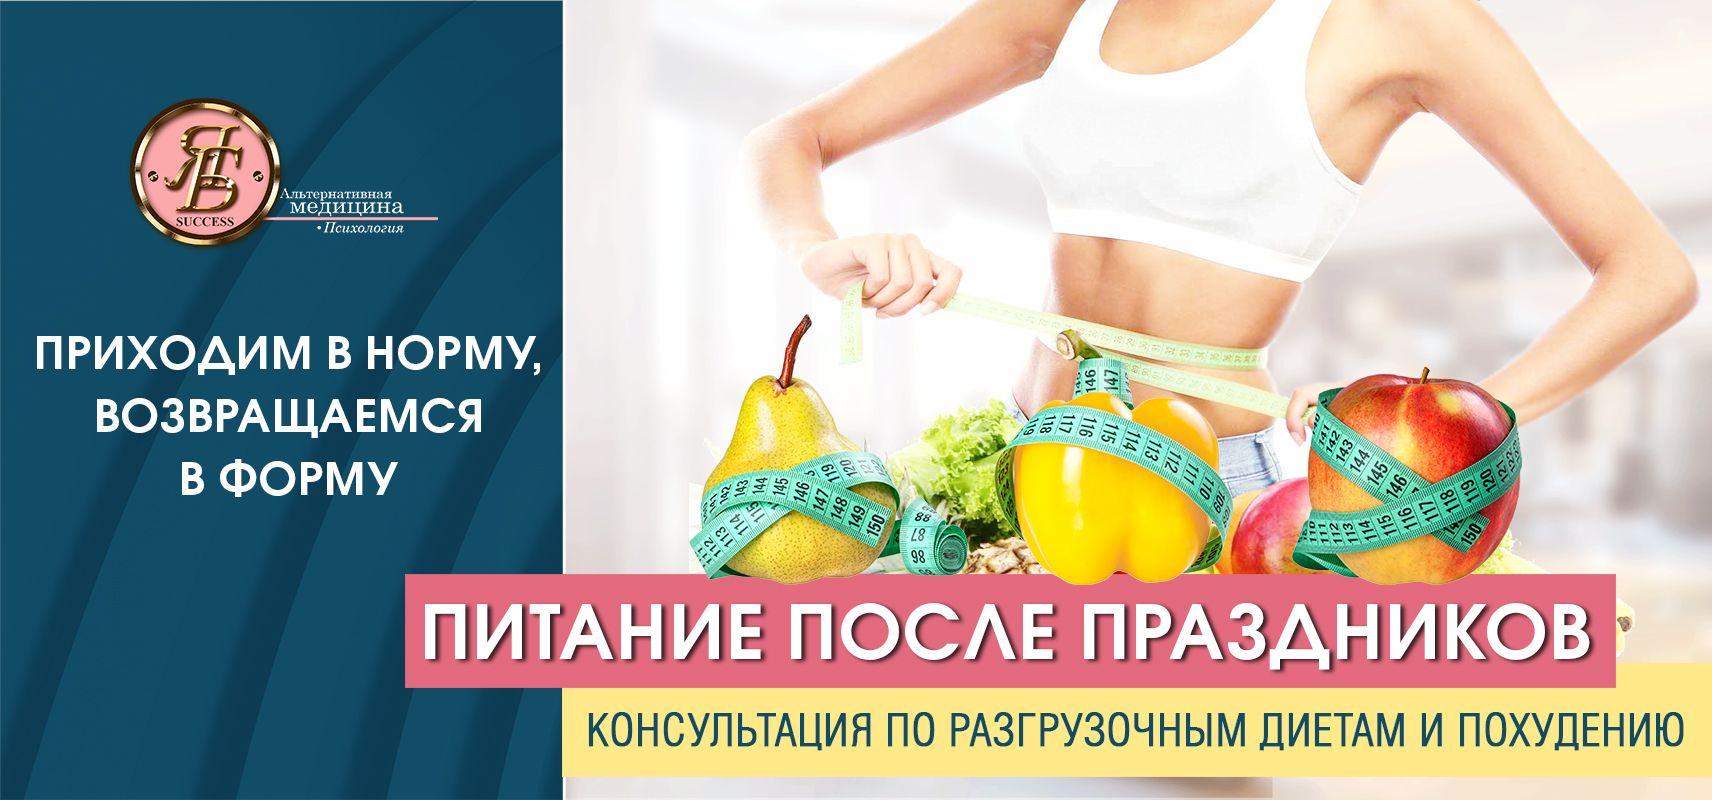 Психологический центр похудения